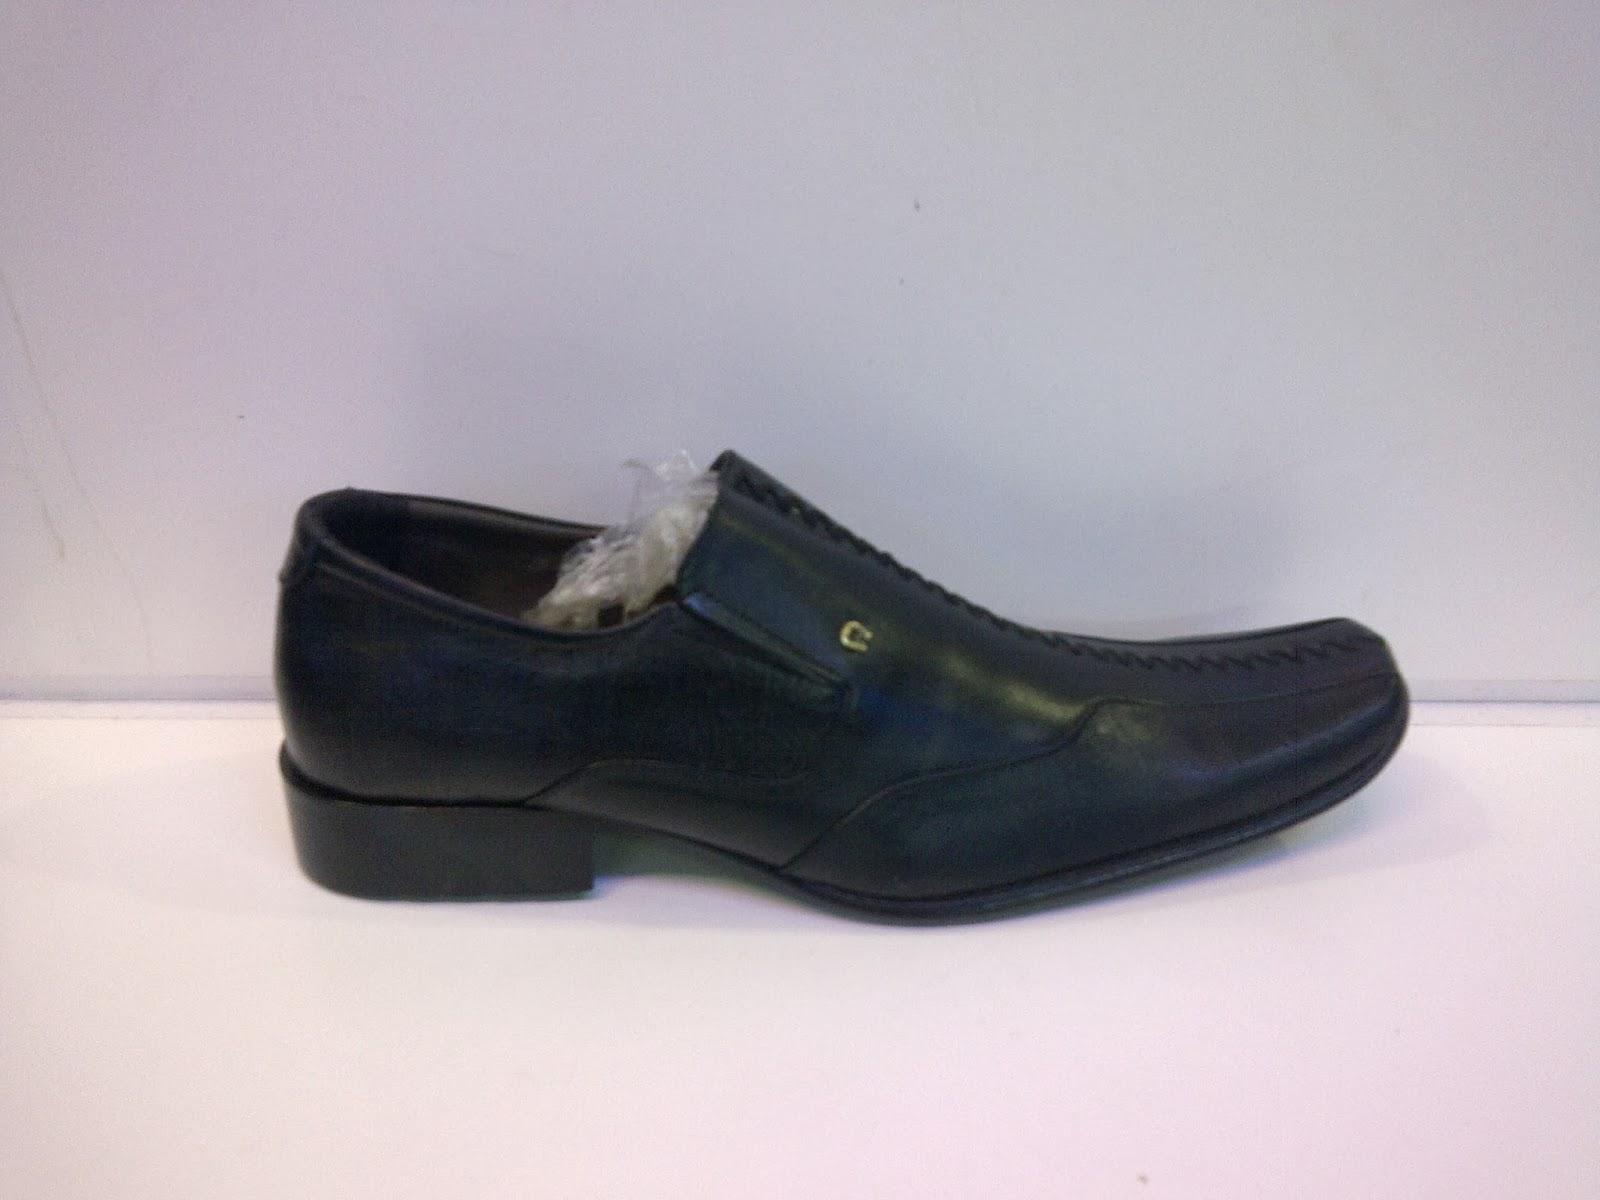 Sepatu Pantofel Aigner murah,diskon Sepatu Pantofel Aigner,supplier Sepatu Pantofel Aigner